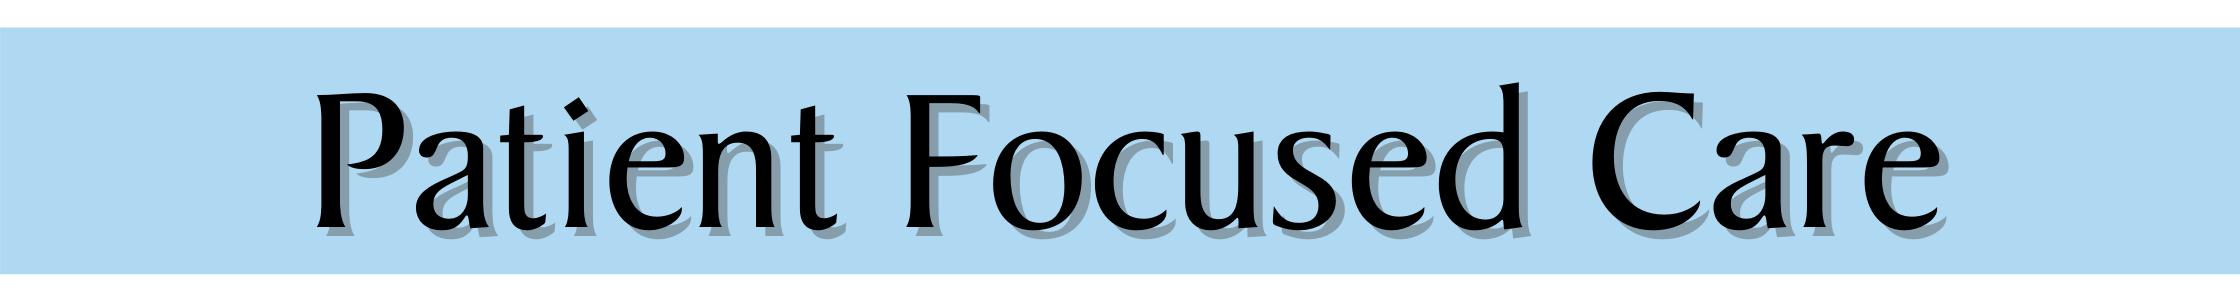 Patient focused care